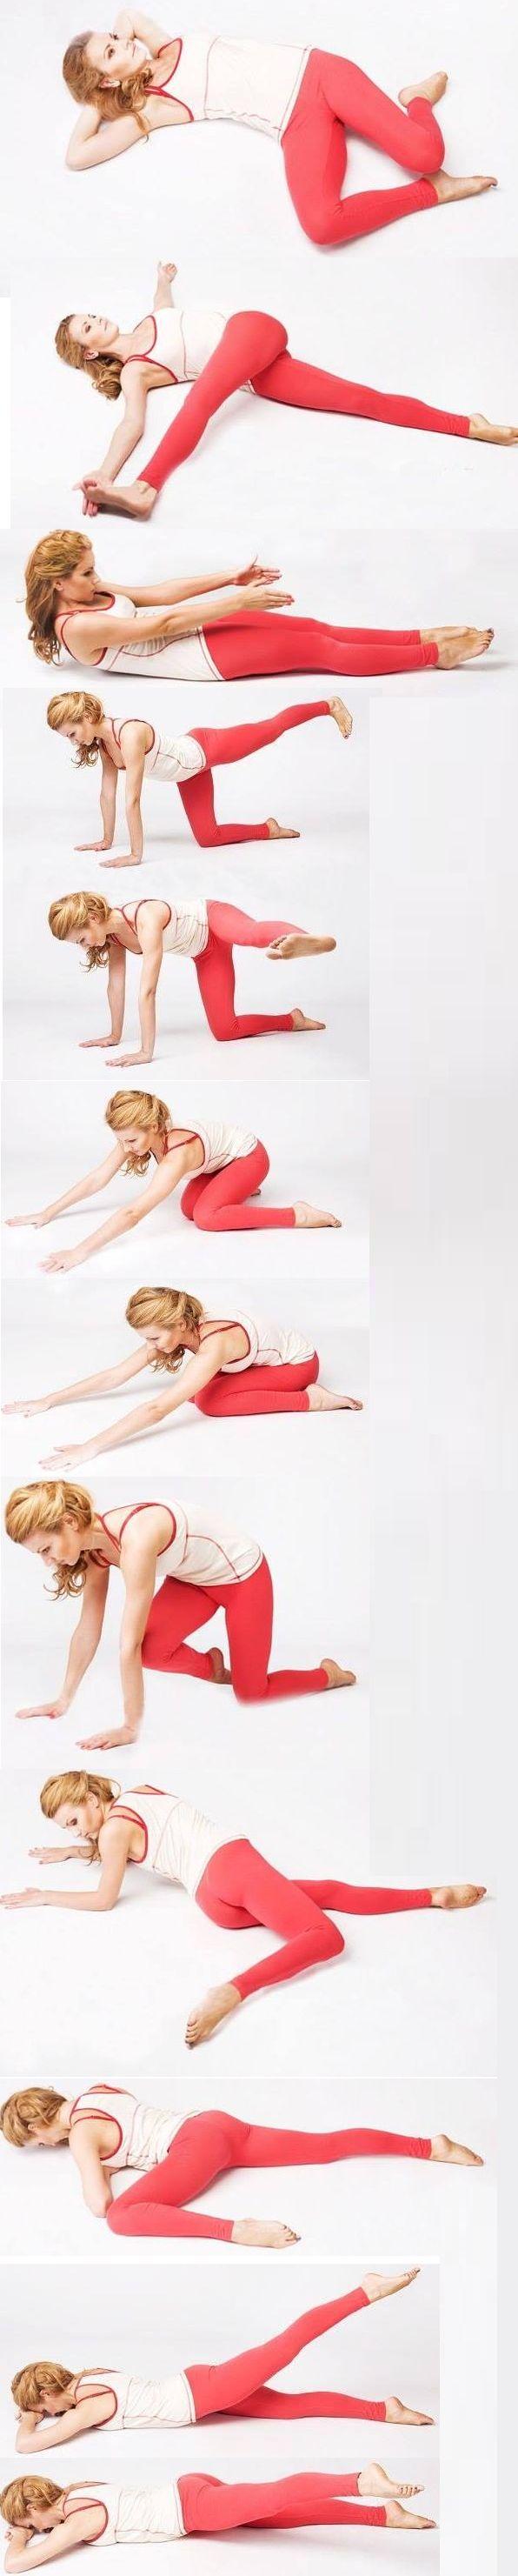 Упражнения для здоровья спины‼  Находитесь в каждом положении по 1 минуте